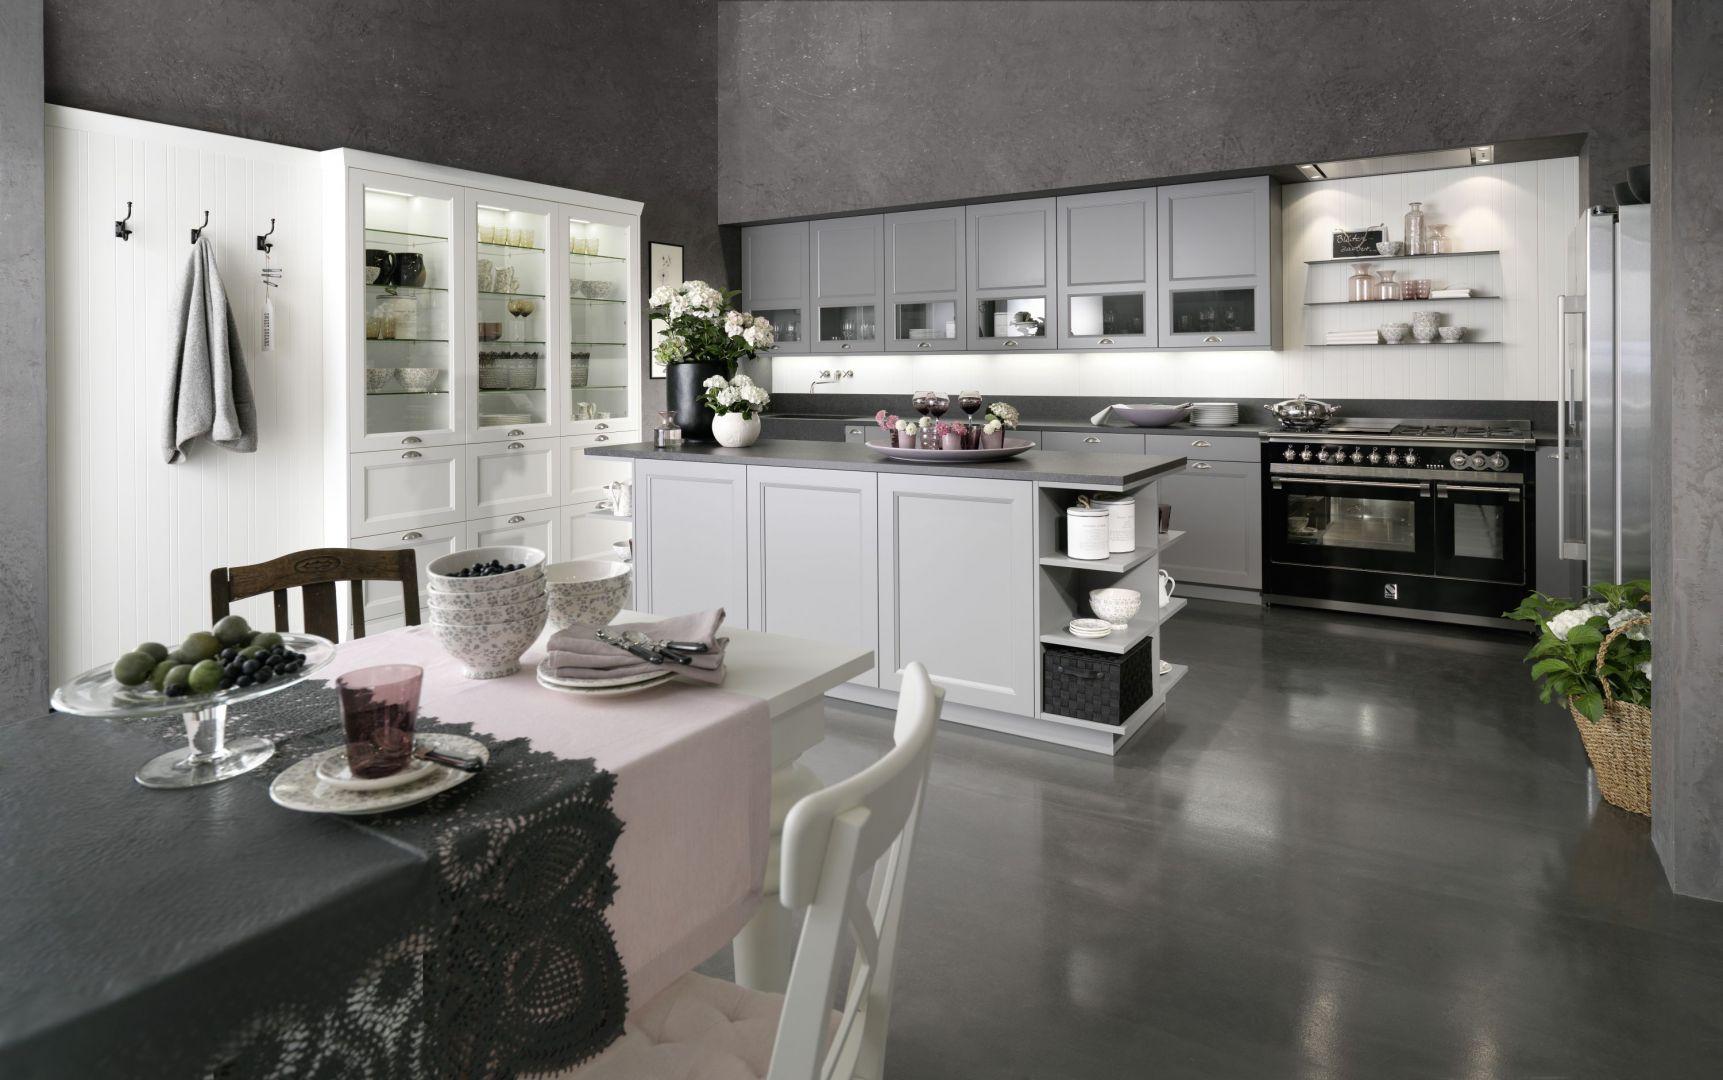 Klasyczna kuchnia w jasnych kolorach: 20 fajnych pomysłów na urządzenie. Fot. Rational